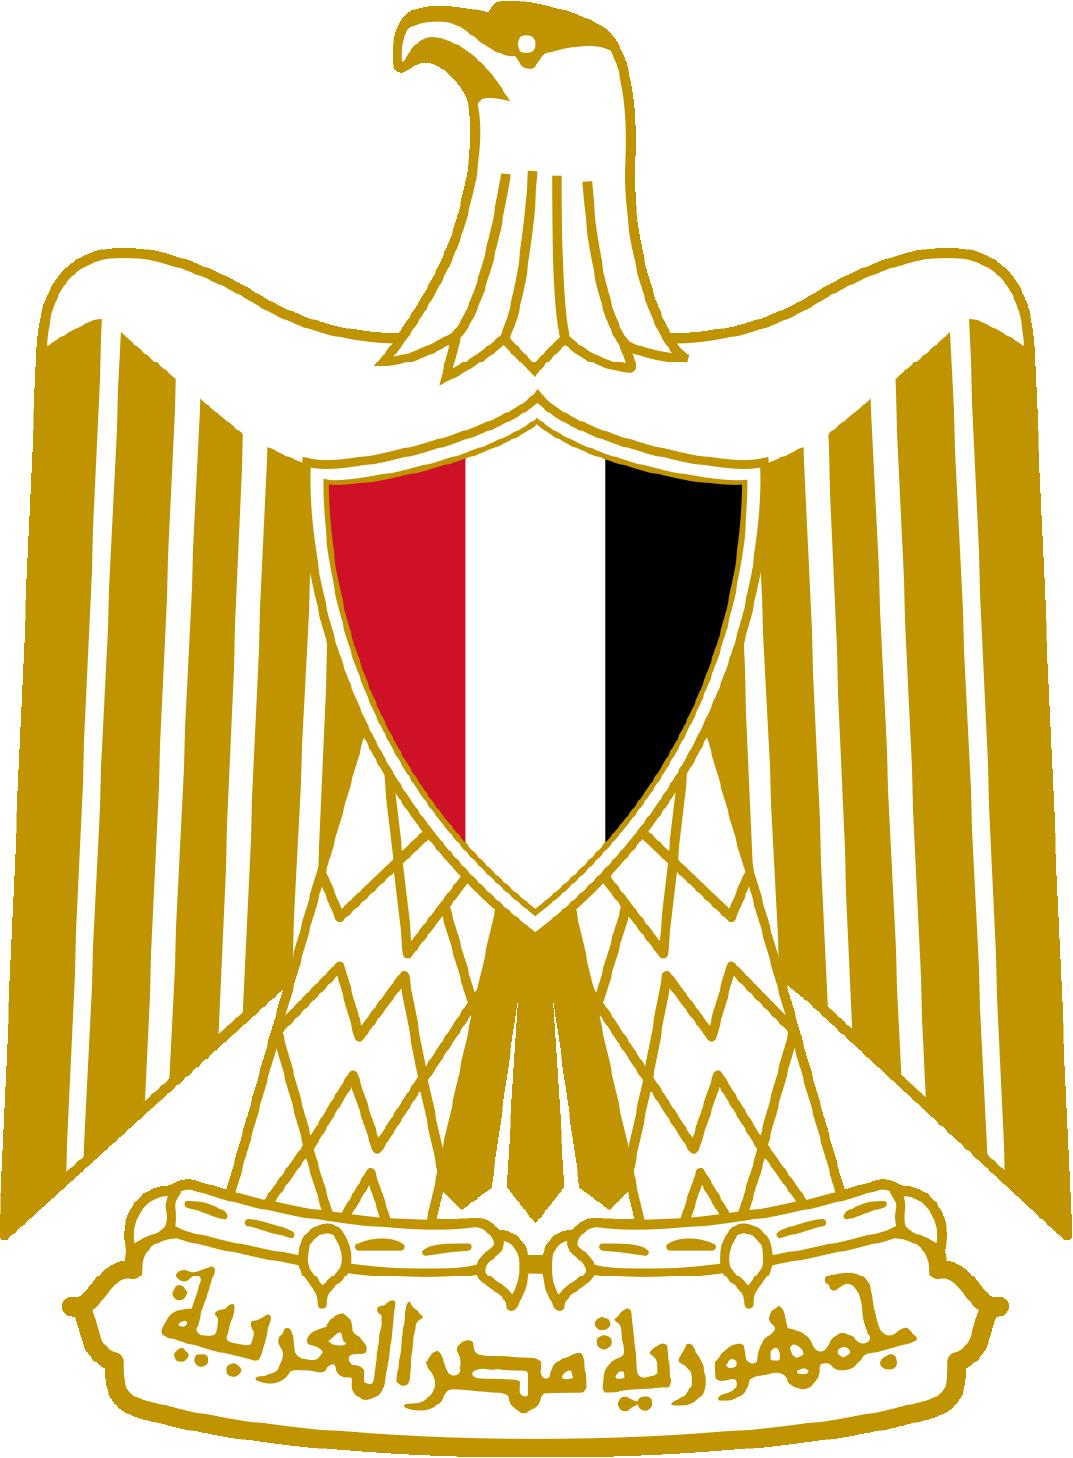 ايقونة الدولة المصرية